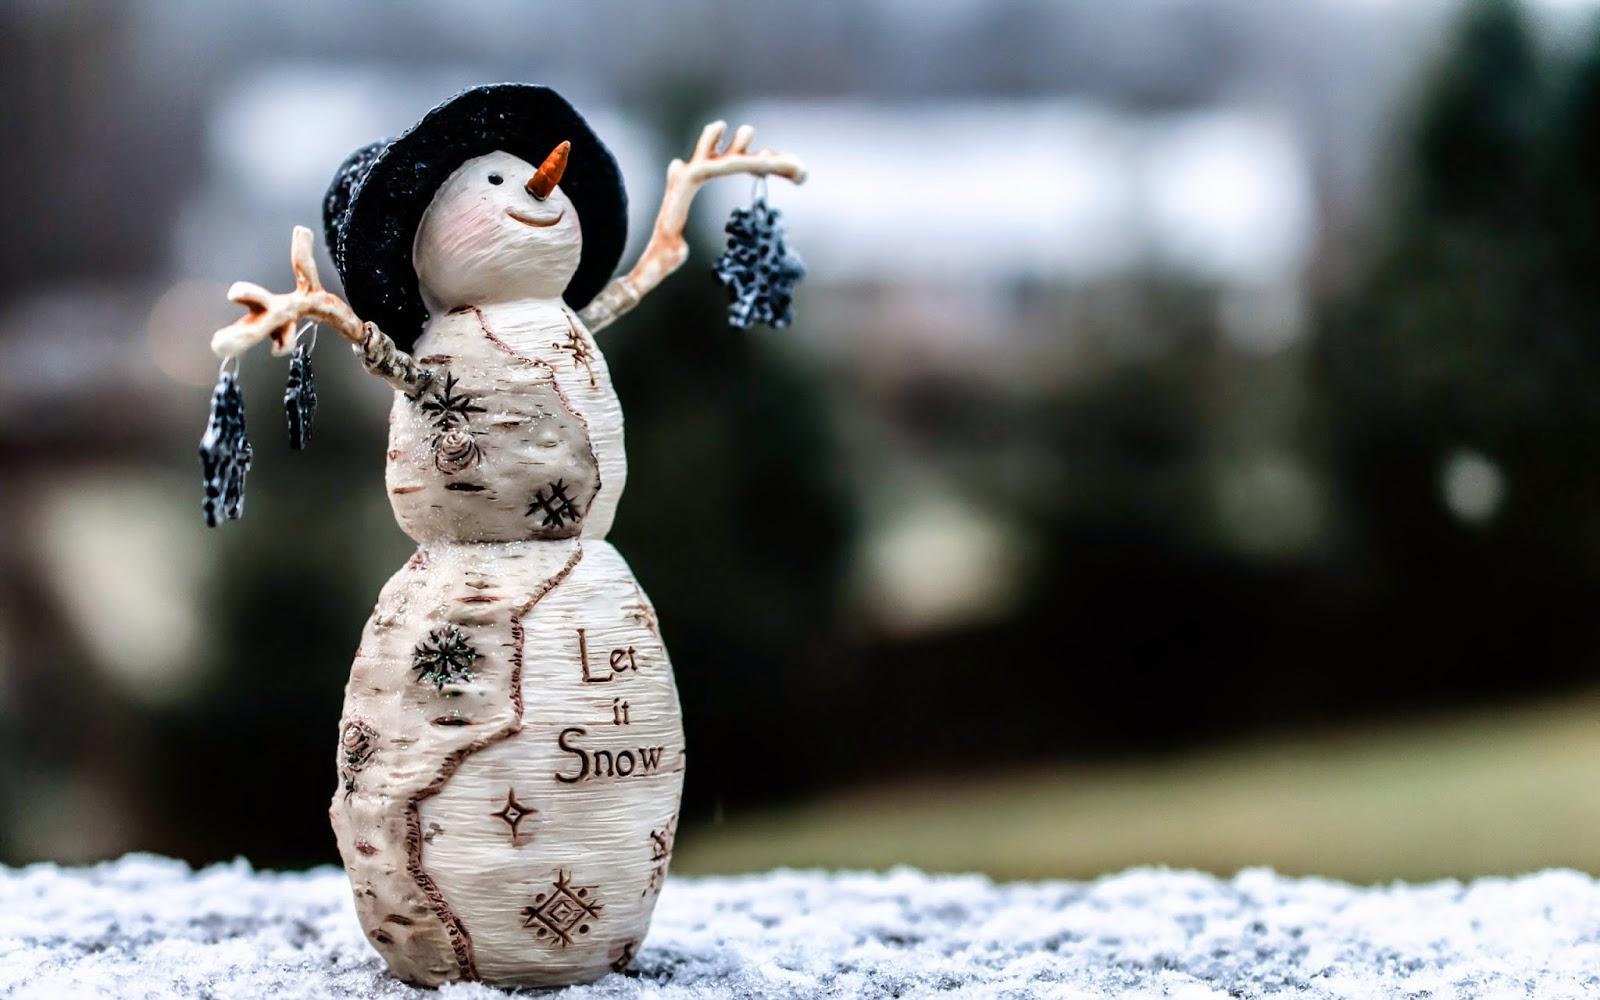 let-it-snow-text-snowman-image-HD-wallpaper-for-desktop-pc-laptop.jpg